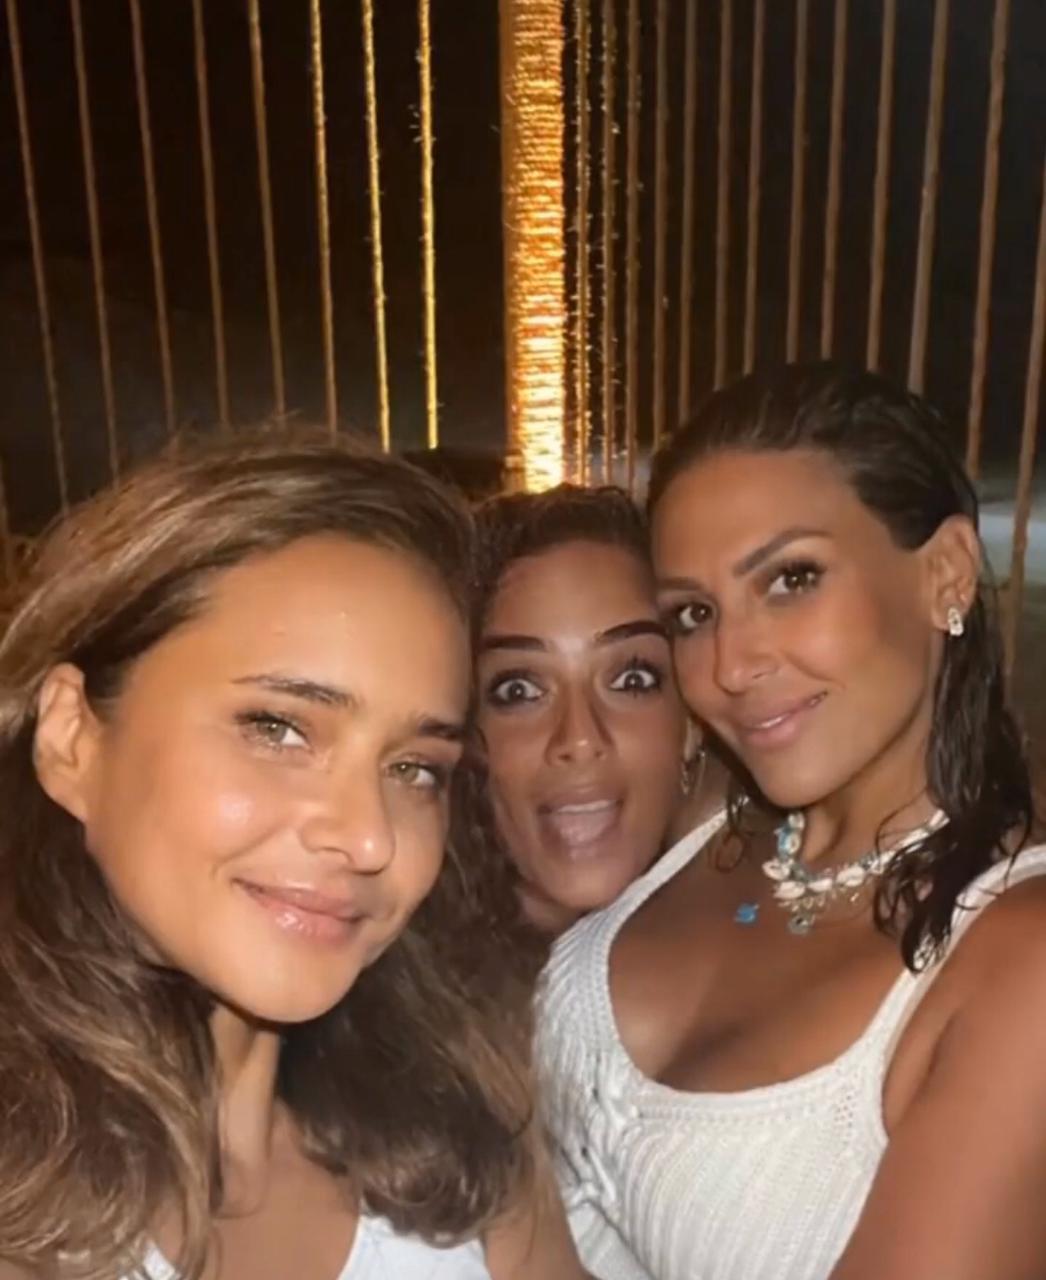 نيللى كريم برفقة اصدقائها المقربين في الساحل الشمالي  (2)